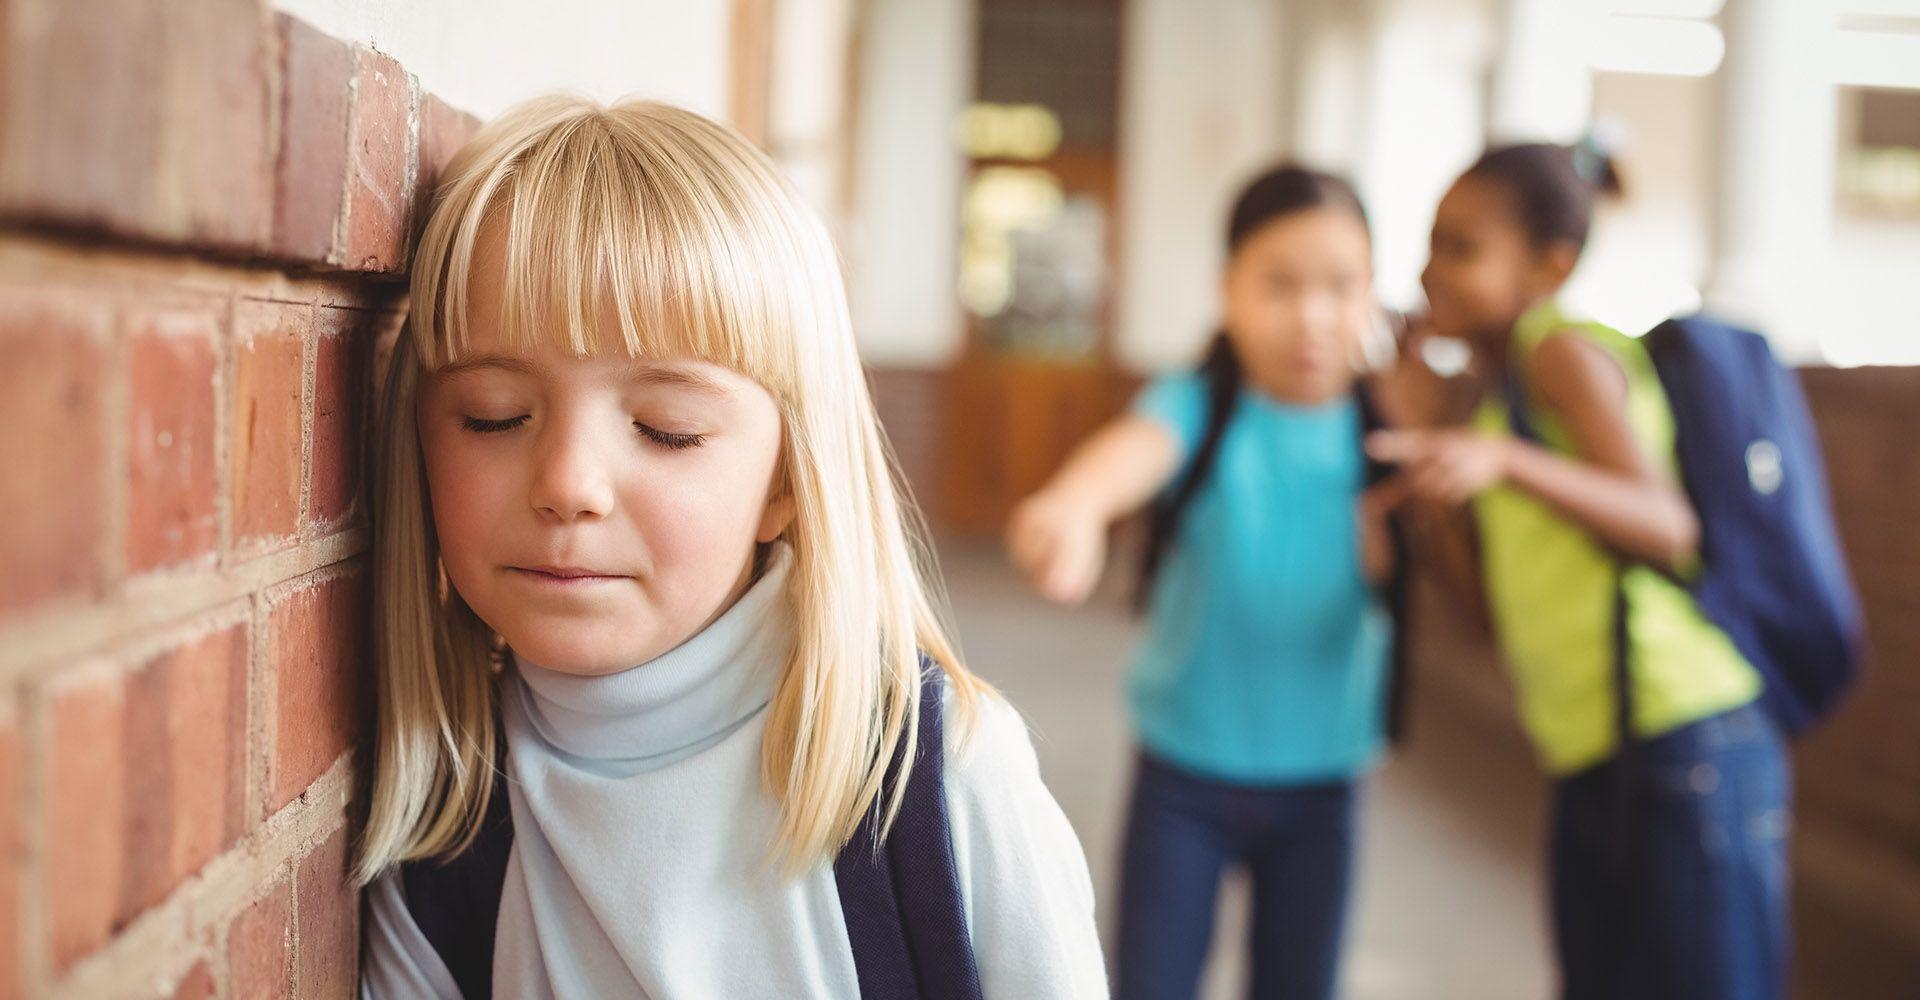 Что делать, если ребенка травят в школе: алгоритм борьбы с буллингом